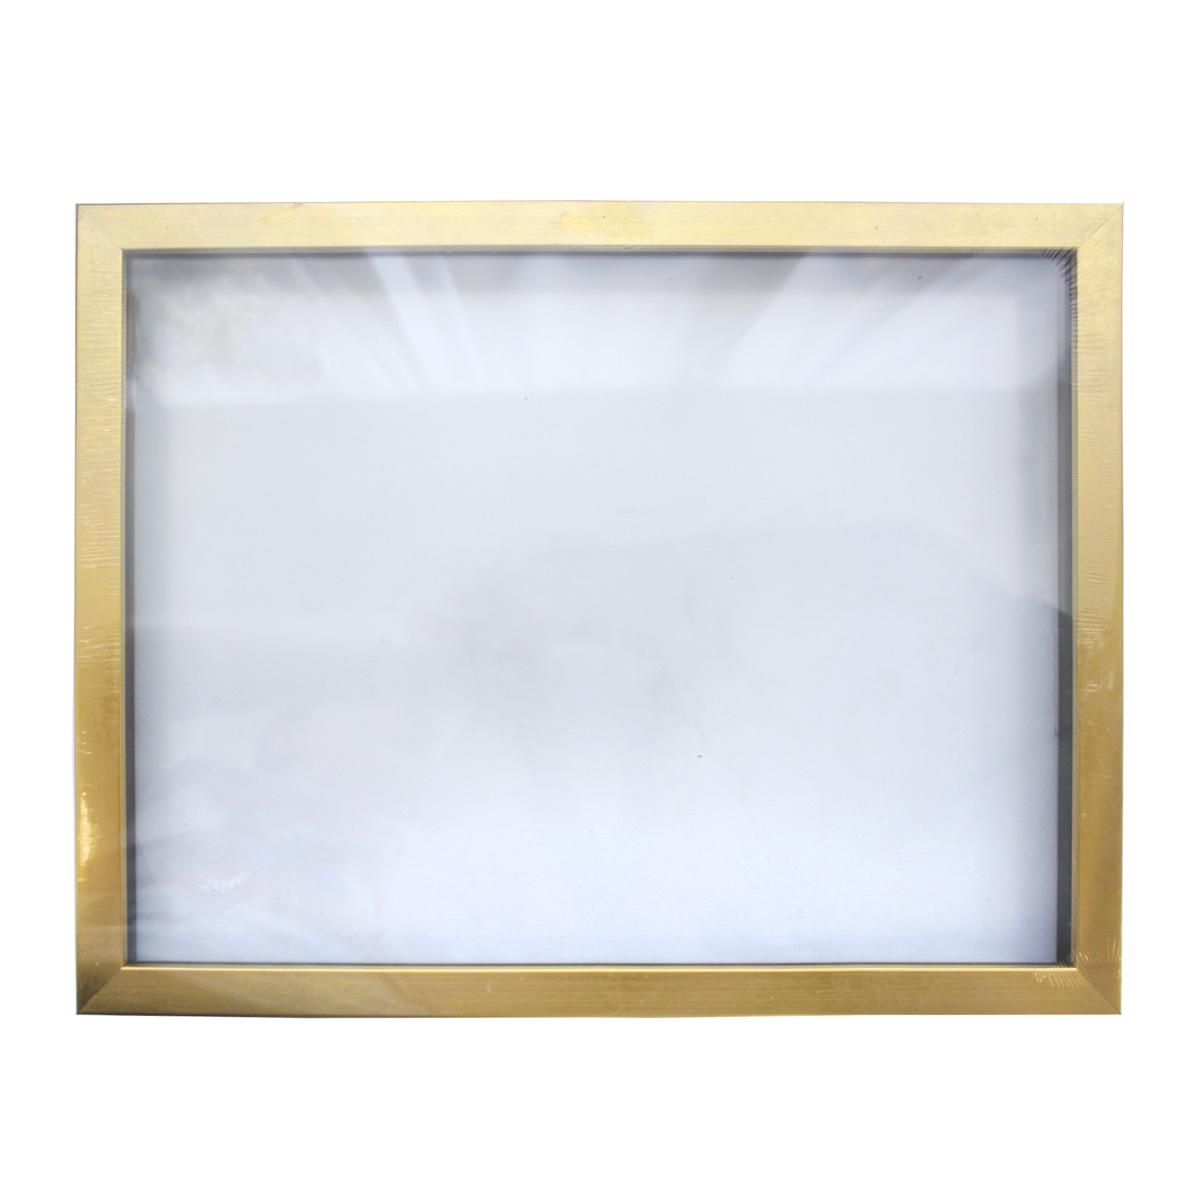 Рама (аквариум) глубокий багет со стеклом с прозрачным дном, цвет: матовое золото, 30х40 см. RAM111020498382Рамы предназначены для оформления картин, фотографий. Обрамленные такой рамкой работы, сразу же преображаются и приобретают завершенный вид.